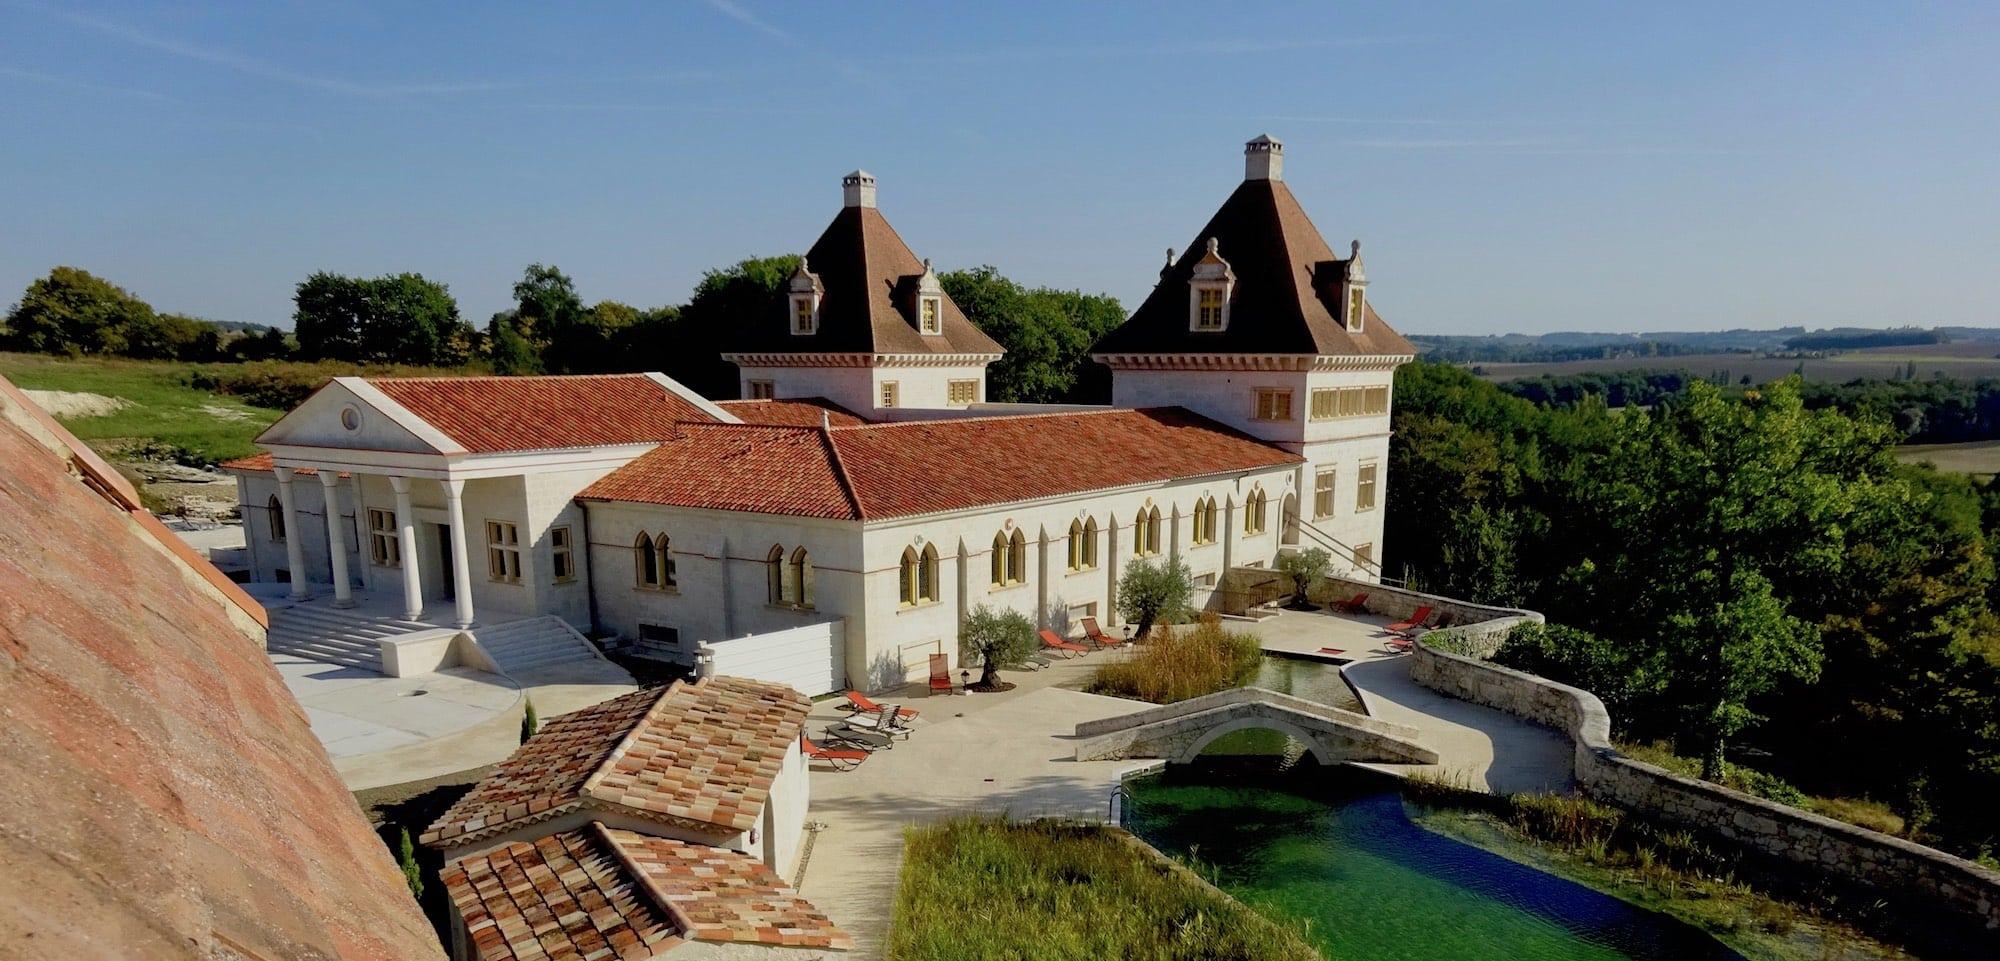 chateau piscine jeune confort luxe 2000x960 1 - Château de Guirauton - version avant avril 2019